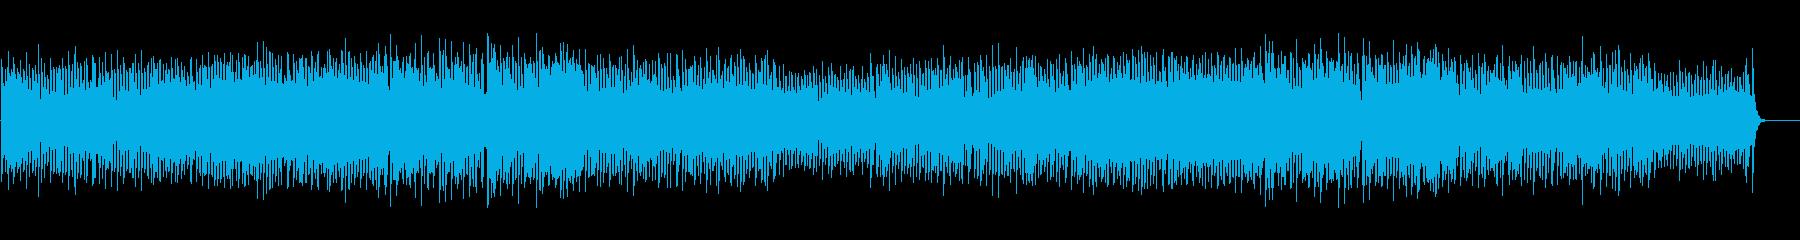 【ドラム無し】ミステリアスなハロウィンの再生済みの波形